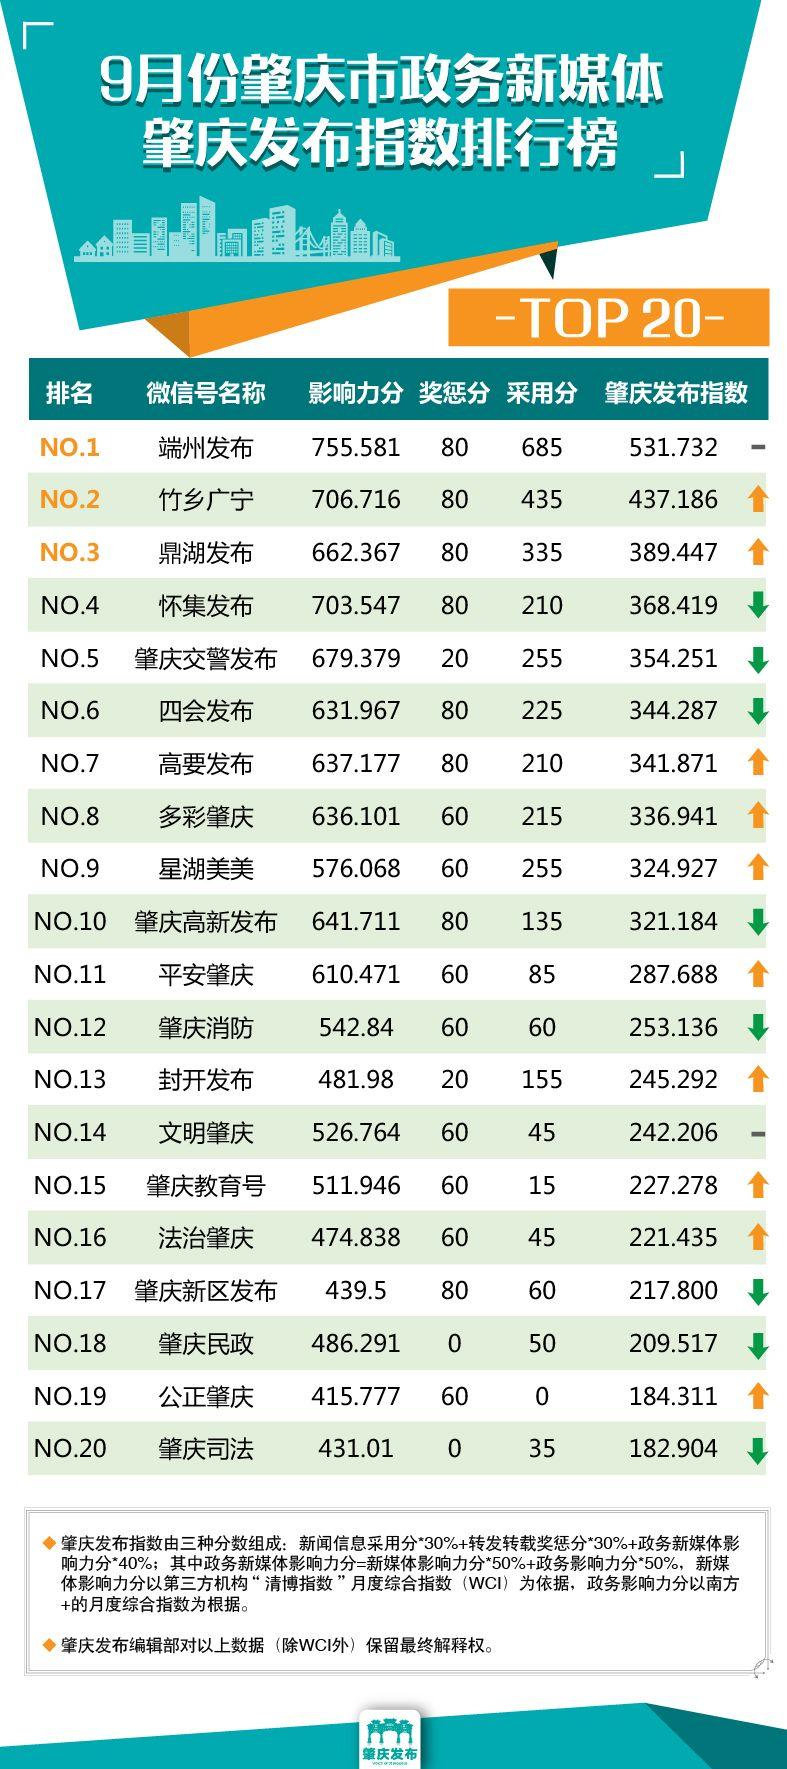 微信排行榜刷_柳州微信影响力排行榜它再成热点,刷出10w+